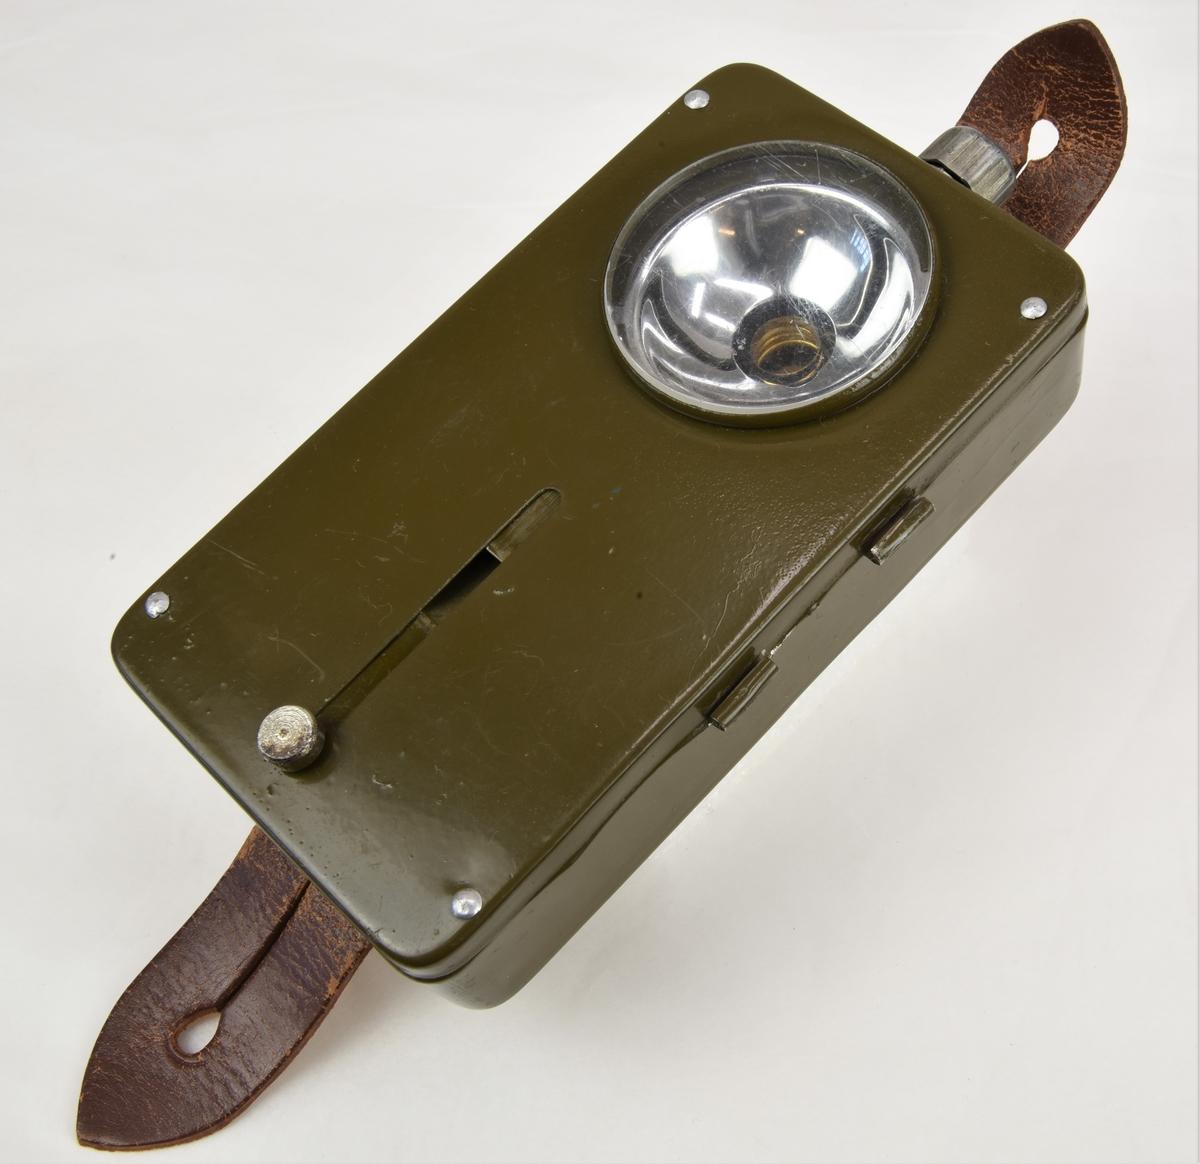 En ficklampa av grönfärgad järnplåt. Ficklampan är av kvadratisk form och är försedd med ett brunfärgat läderband på baksidan med hål för fäste. På lampans övre framsida sitter en lamphållare täckt av ett plant plasthölje. Reglage för avskärmning av belysning sitter på framsidan och regleras med hjälp av en plåt som sitter innanför plasthöljet, som förs upp och ned genom ett metallknopp, över lampan. På lampans övre del sitter en tryckknapp av metall. Lampan öppnas som en ask för att stoppa i eller ta ur batterier. På lampans baksida finns en märkning i form av en sköld krönt av en krona.